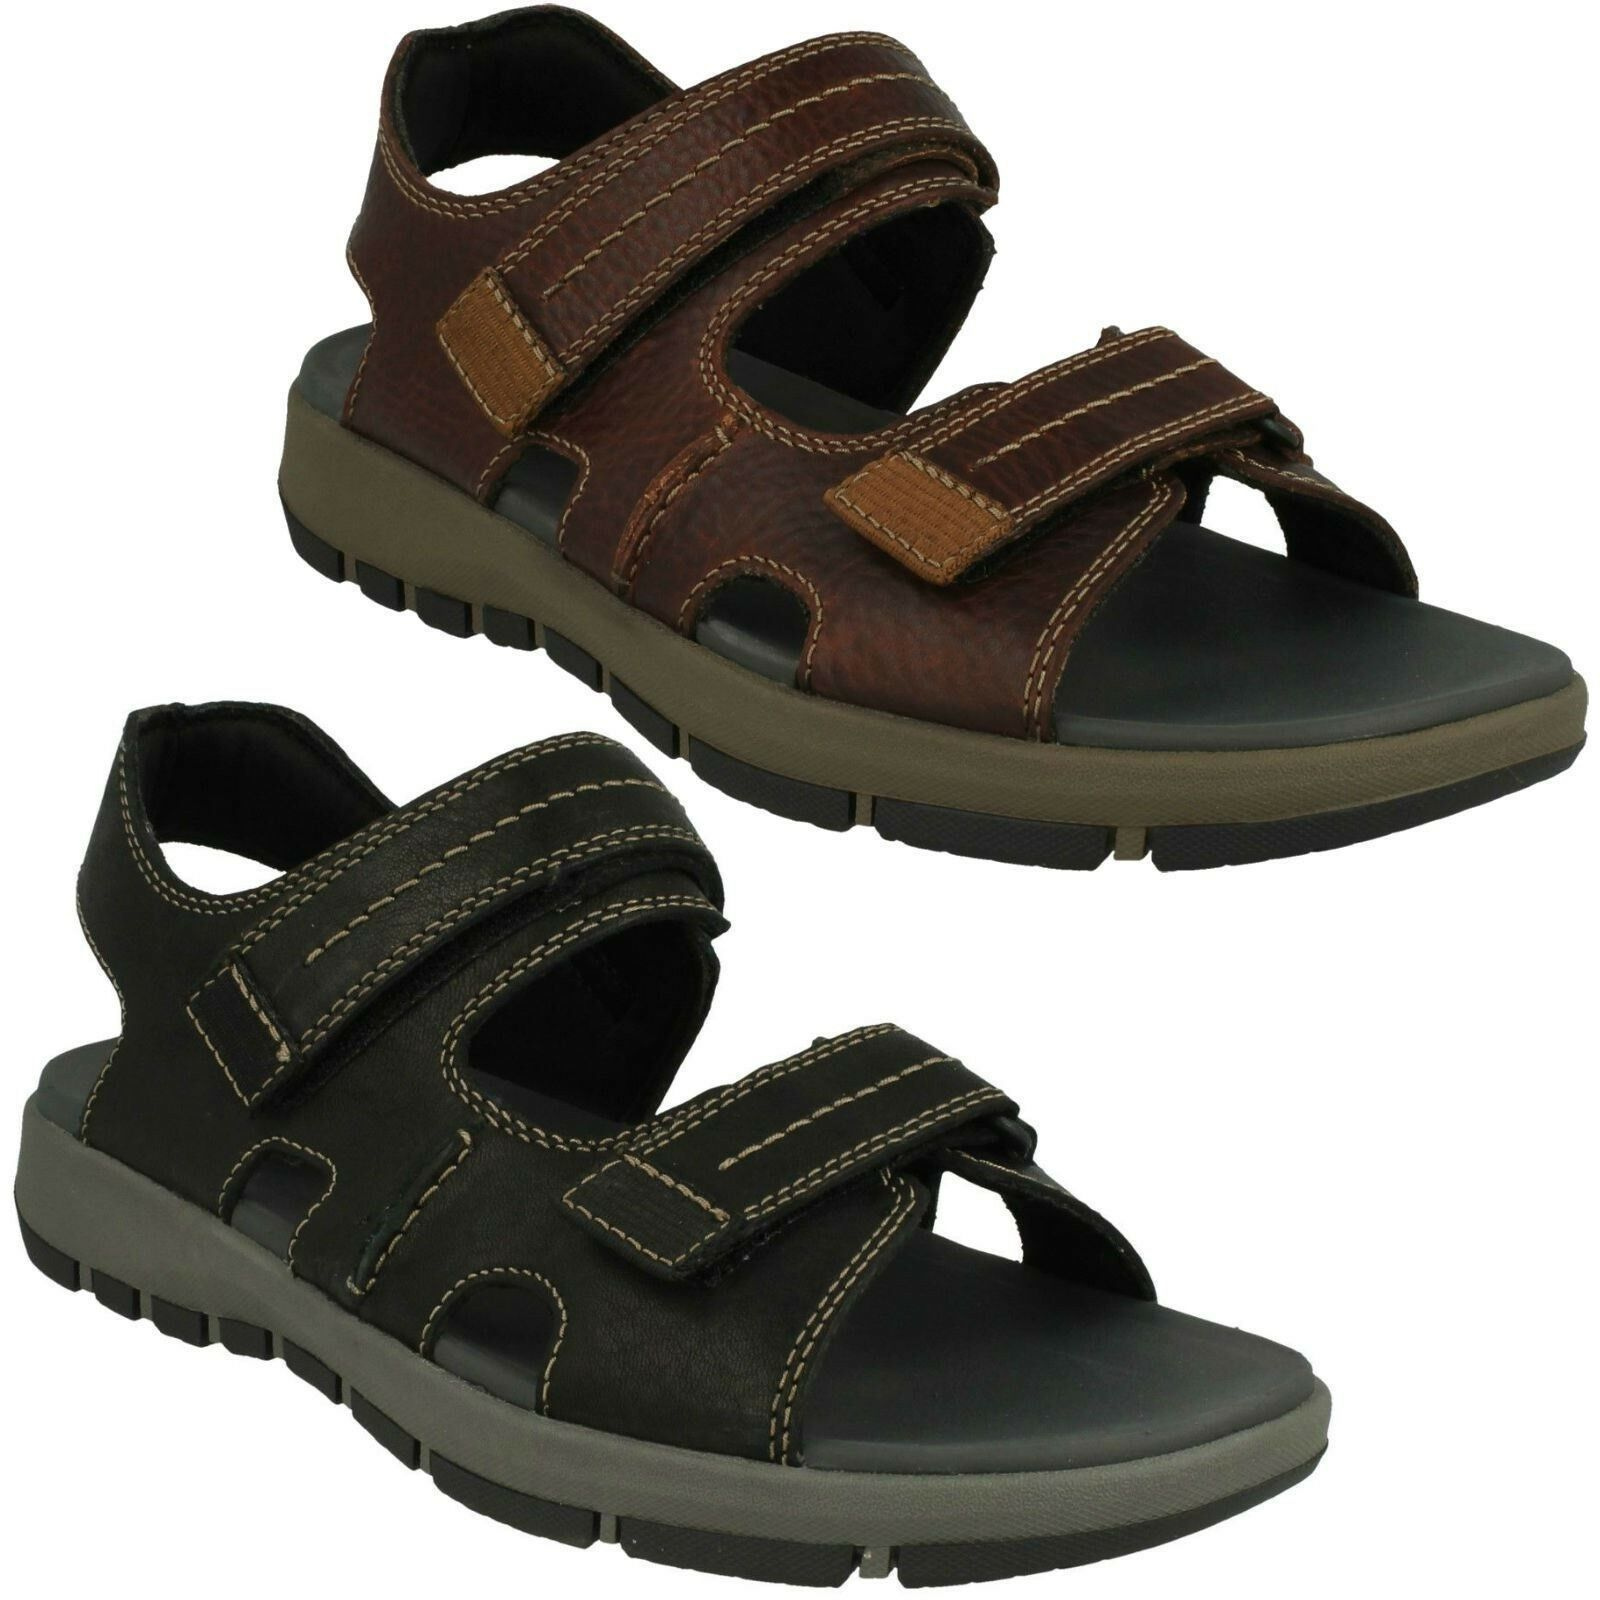 Herren Clarks Leder Offene Zeh Freizeit Sommer Sandalen Schuhe Größe Brixby